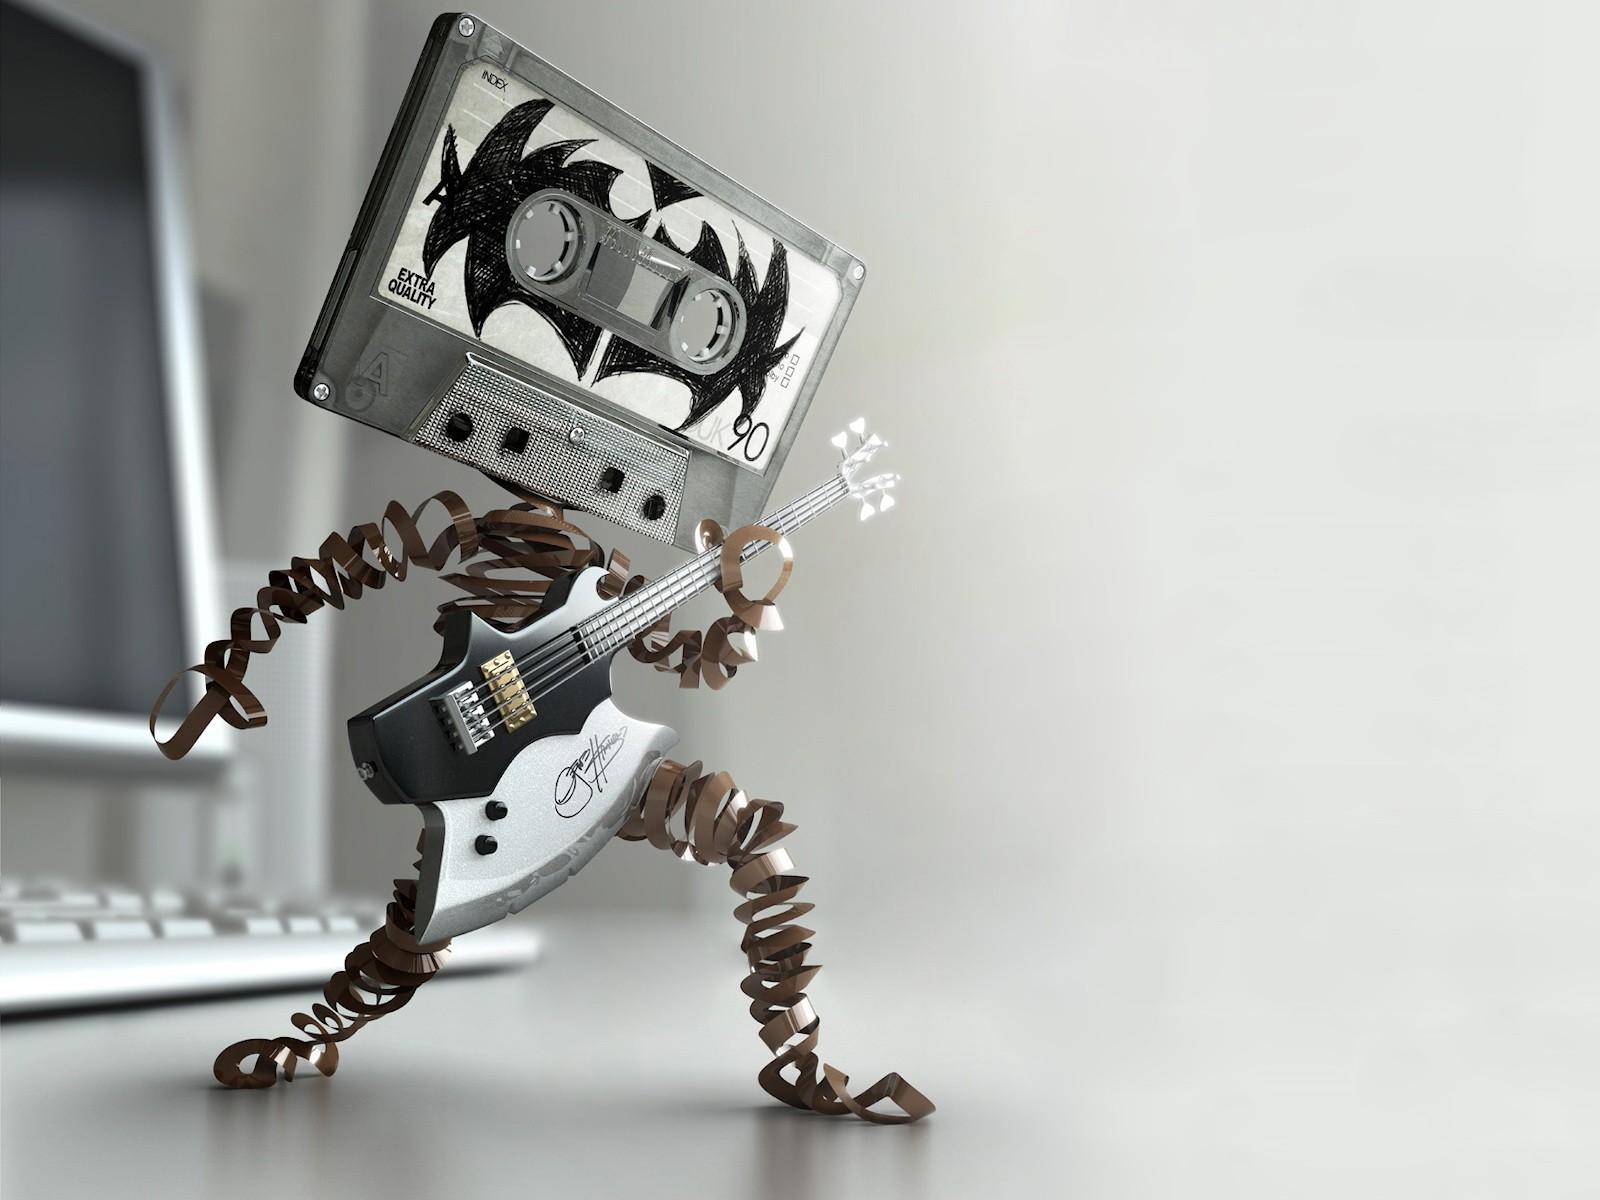 http://2.bp.blogspot.com/-HjVqjj_GoG4/T3KAulLME2I/AAAAAAAAAnE/_xgByVwVZlg/s1600/tape_music_desktop_wallpaper_24841.jpg